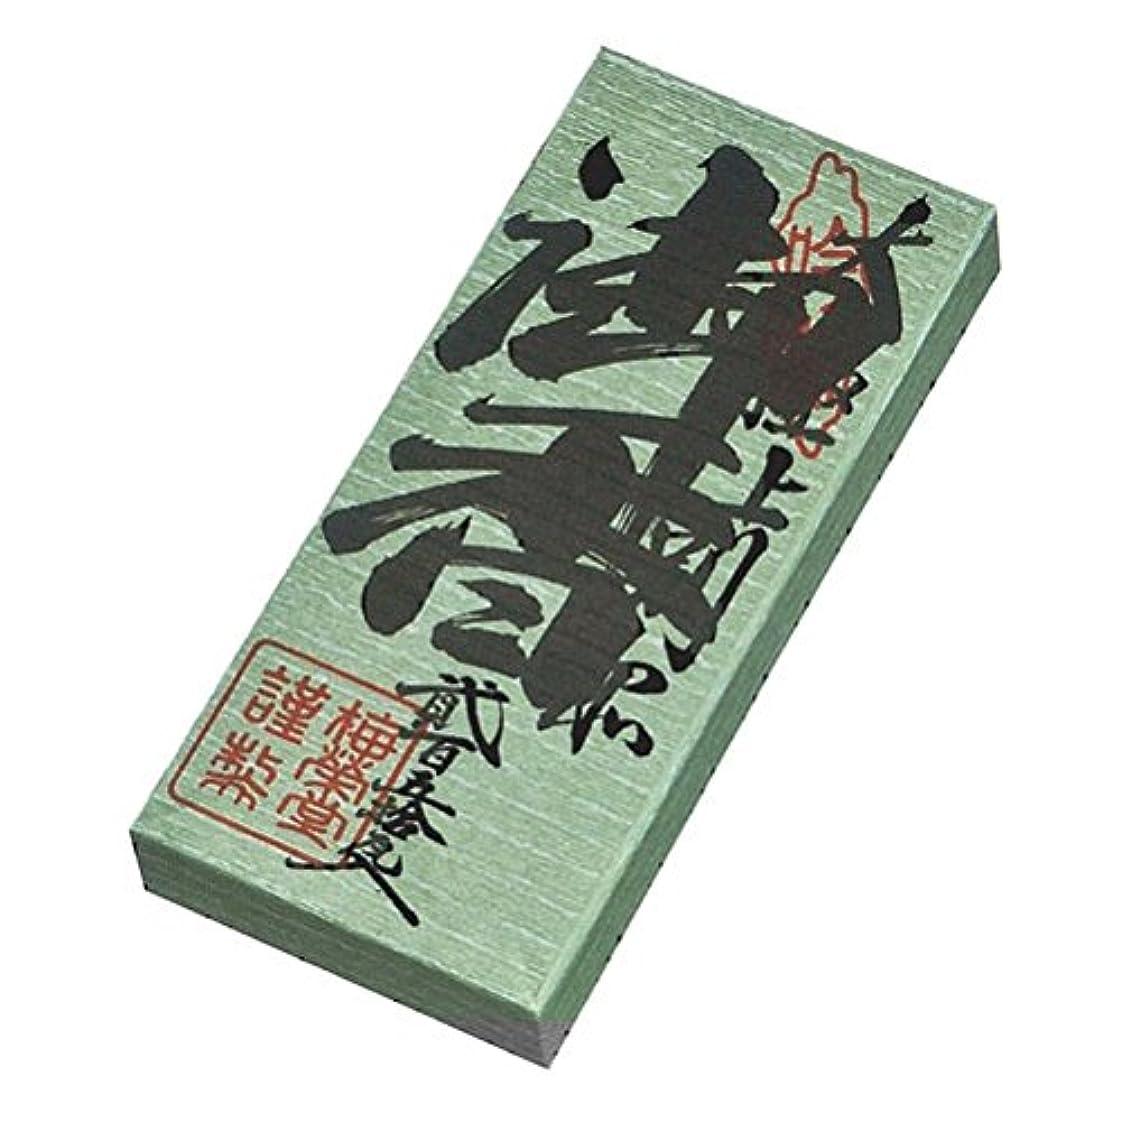 浴放射する椅子蘭麝印 125g 紙箱入り お焼香 梅栄堂